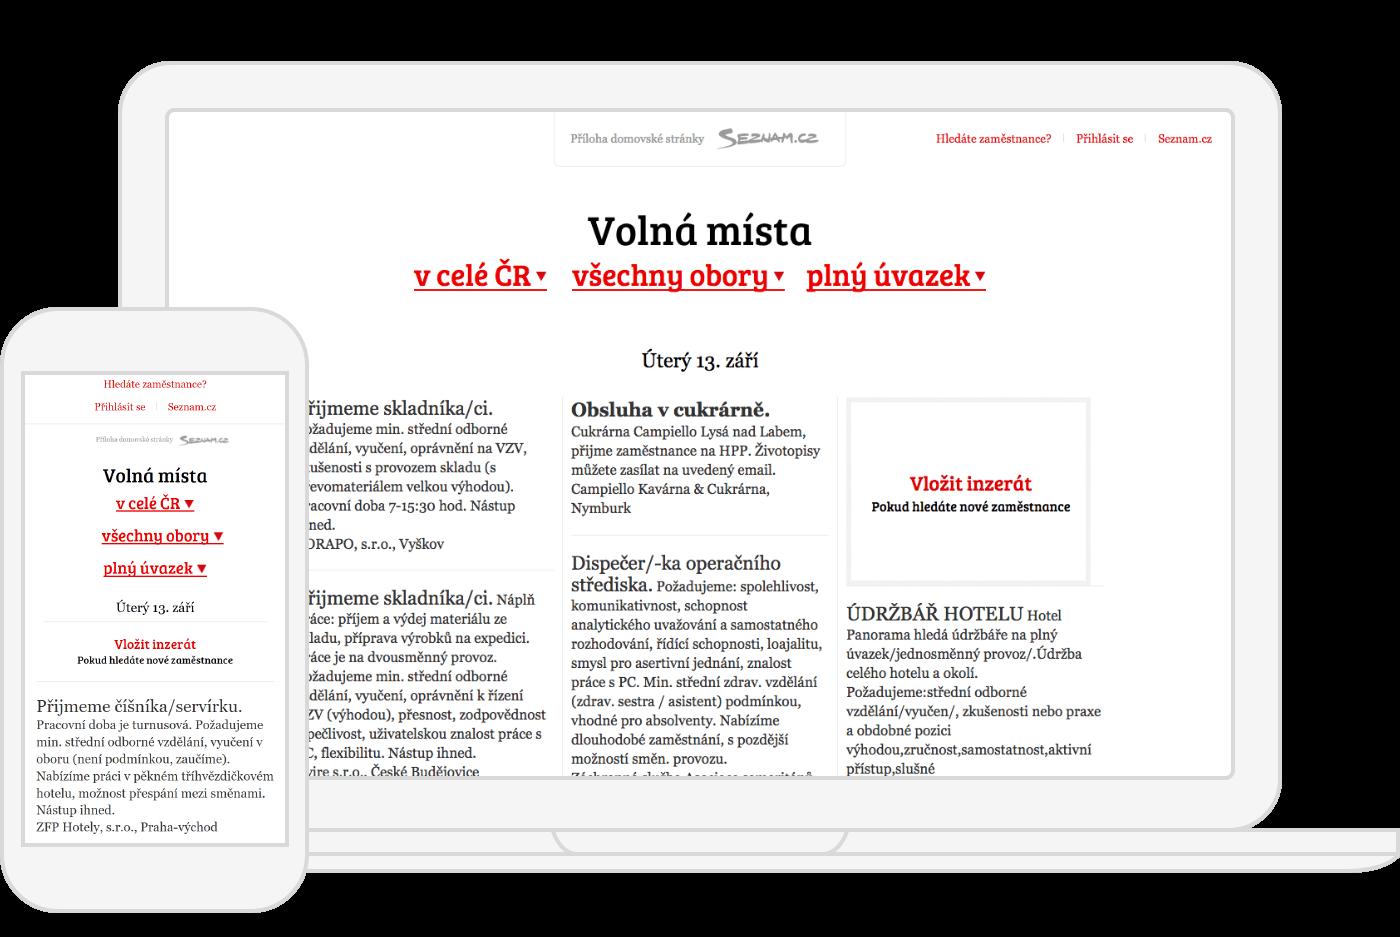 Ukazka Volnamista.cz